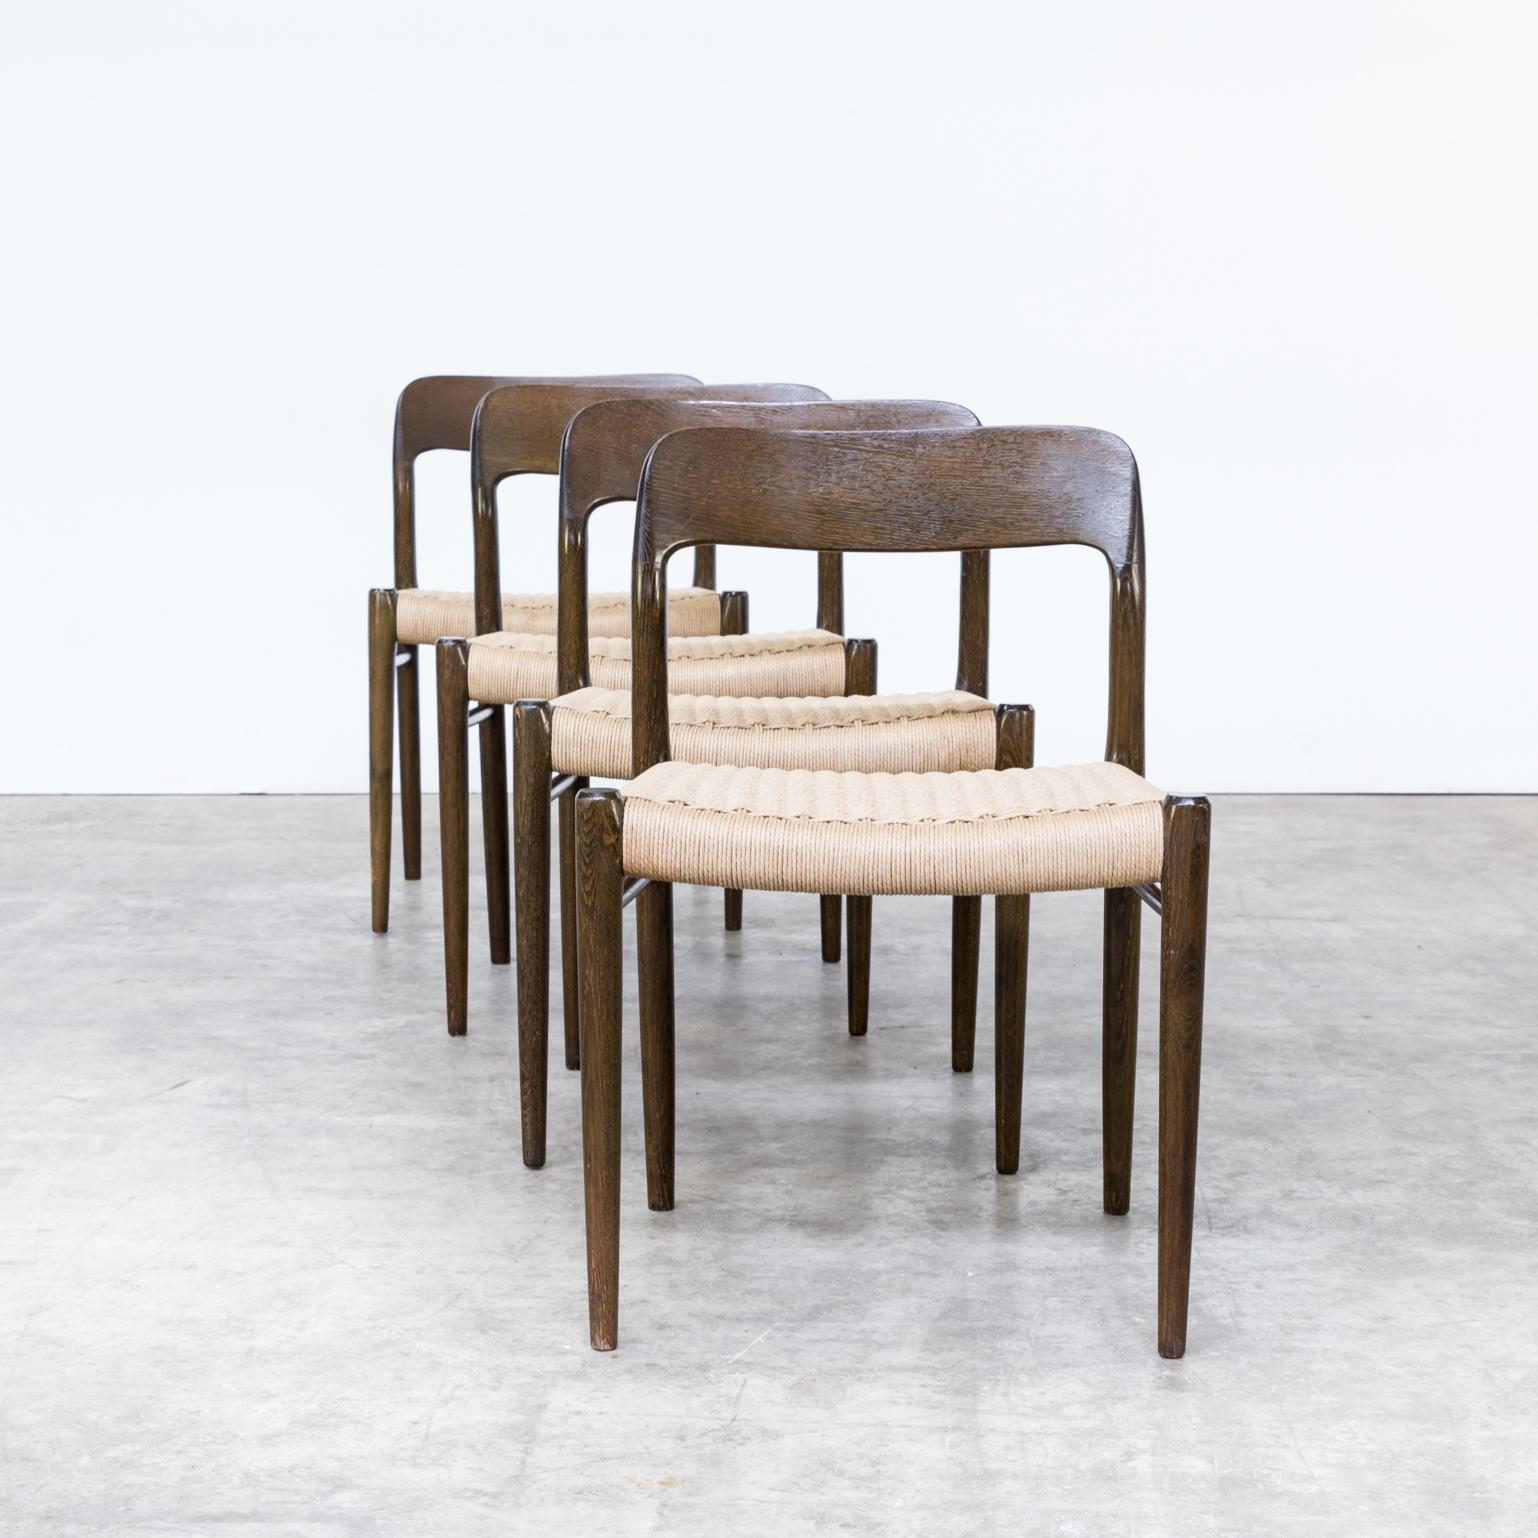 60s Niels O. Møller Model 75 Dining Chairs For J.L. Møller Set/4 | BarbMama